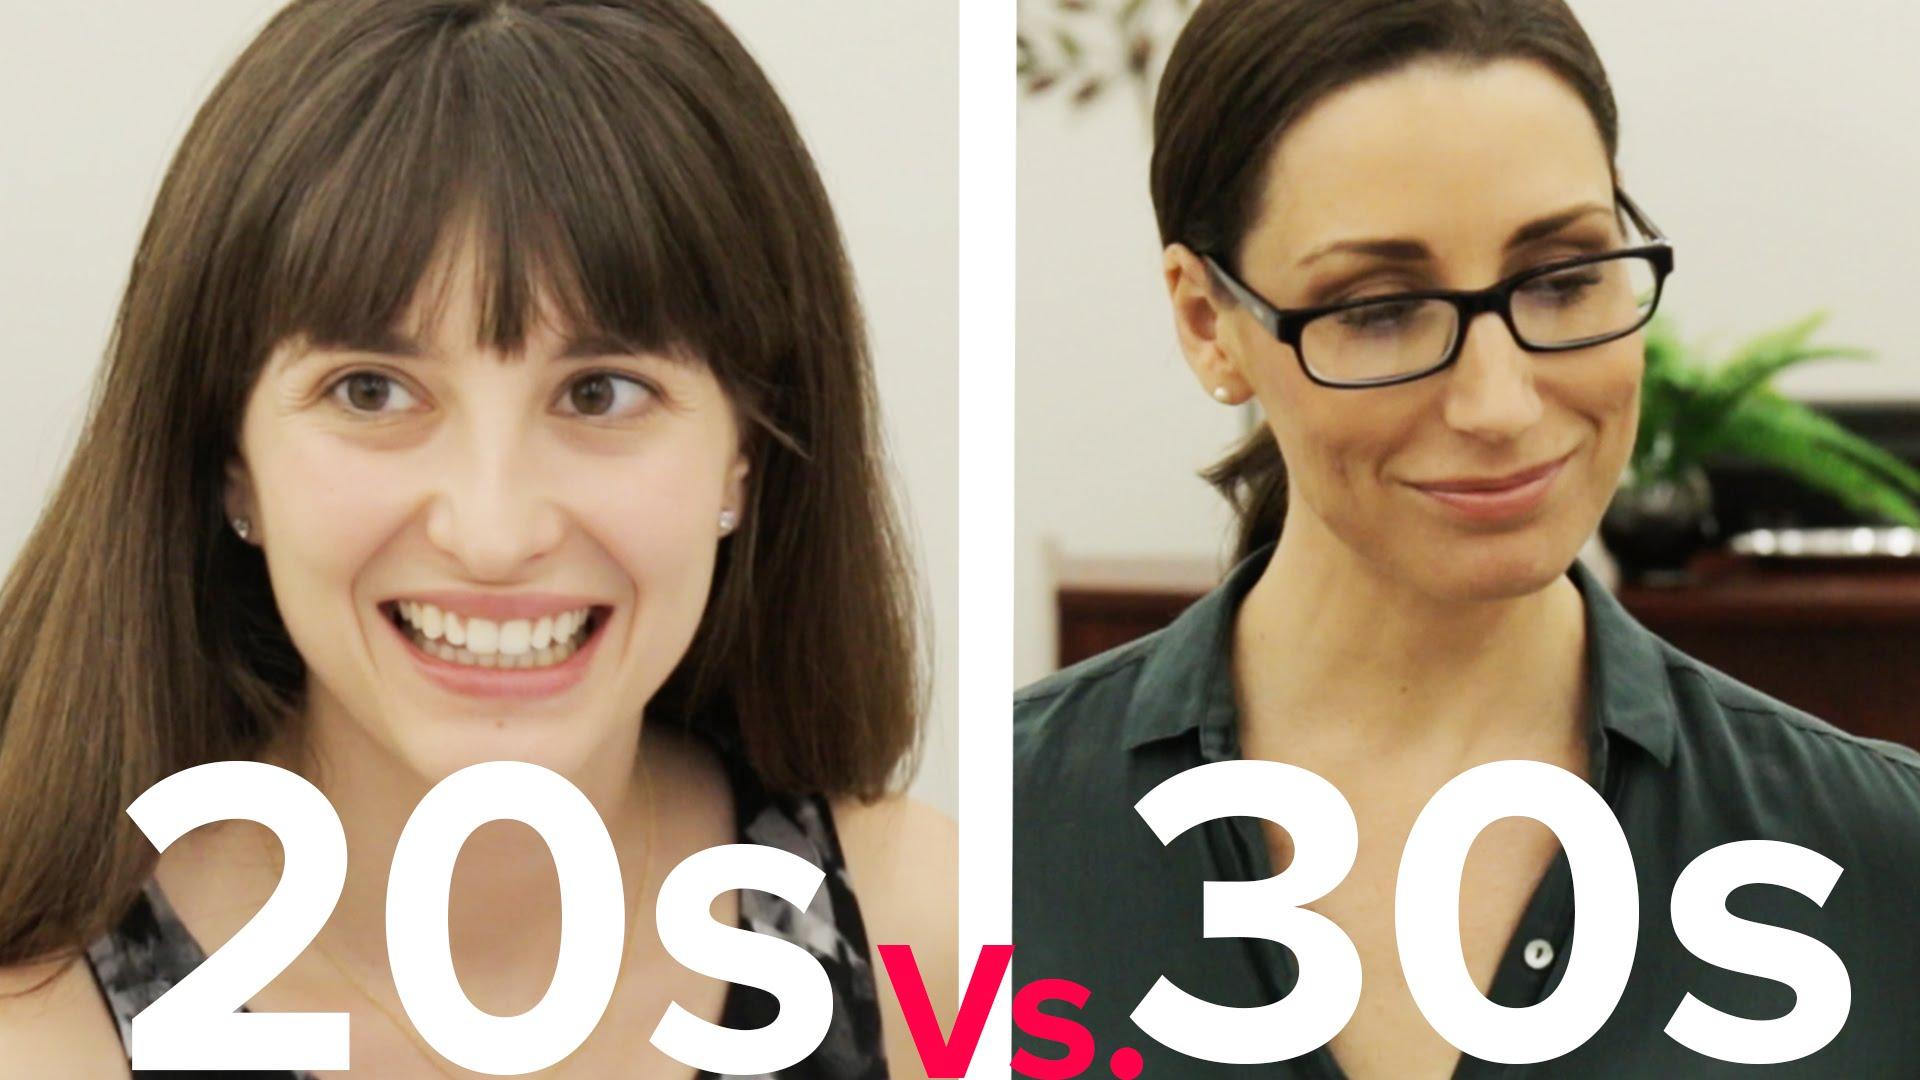 「【週五狂歡夜】20、30 約會大不同」- Dating: 20s vs. 30s